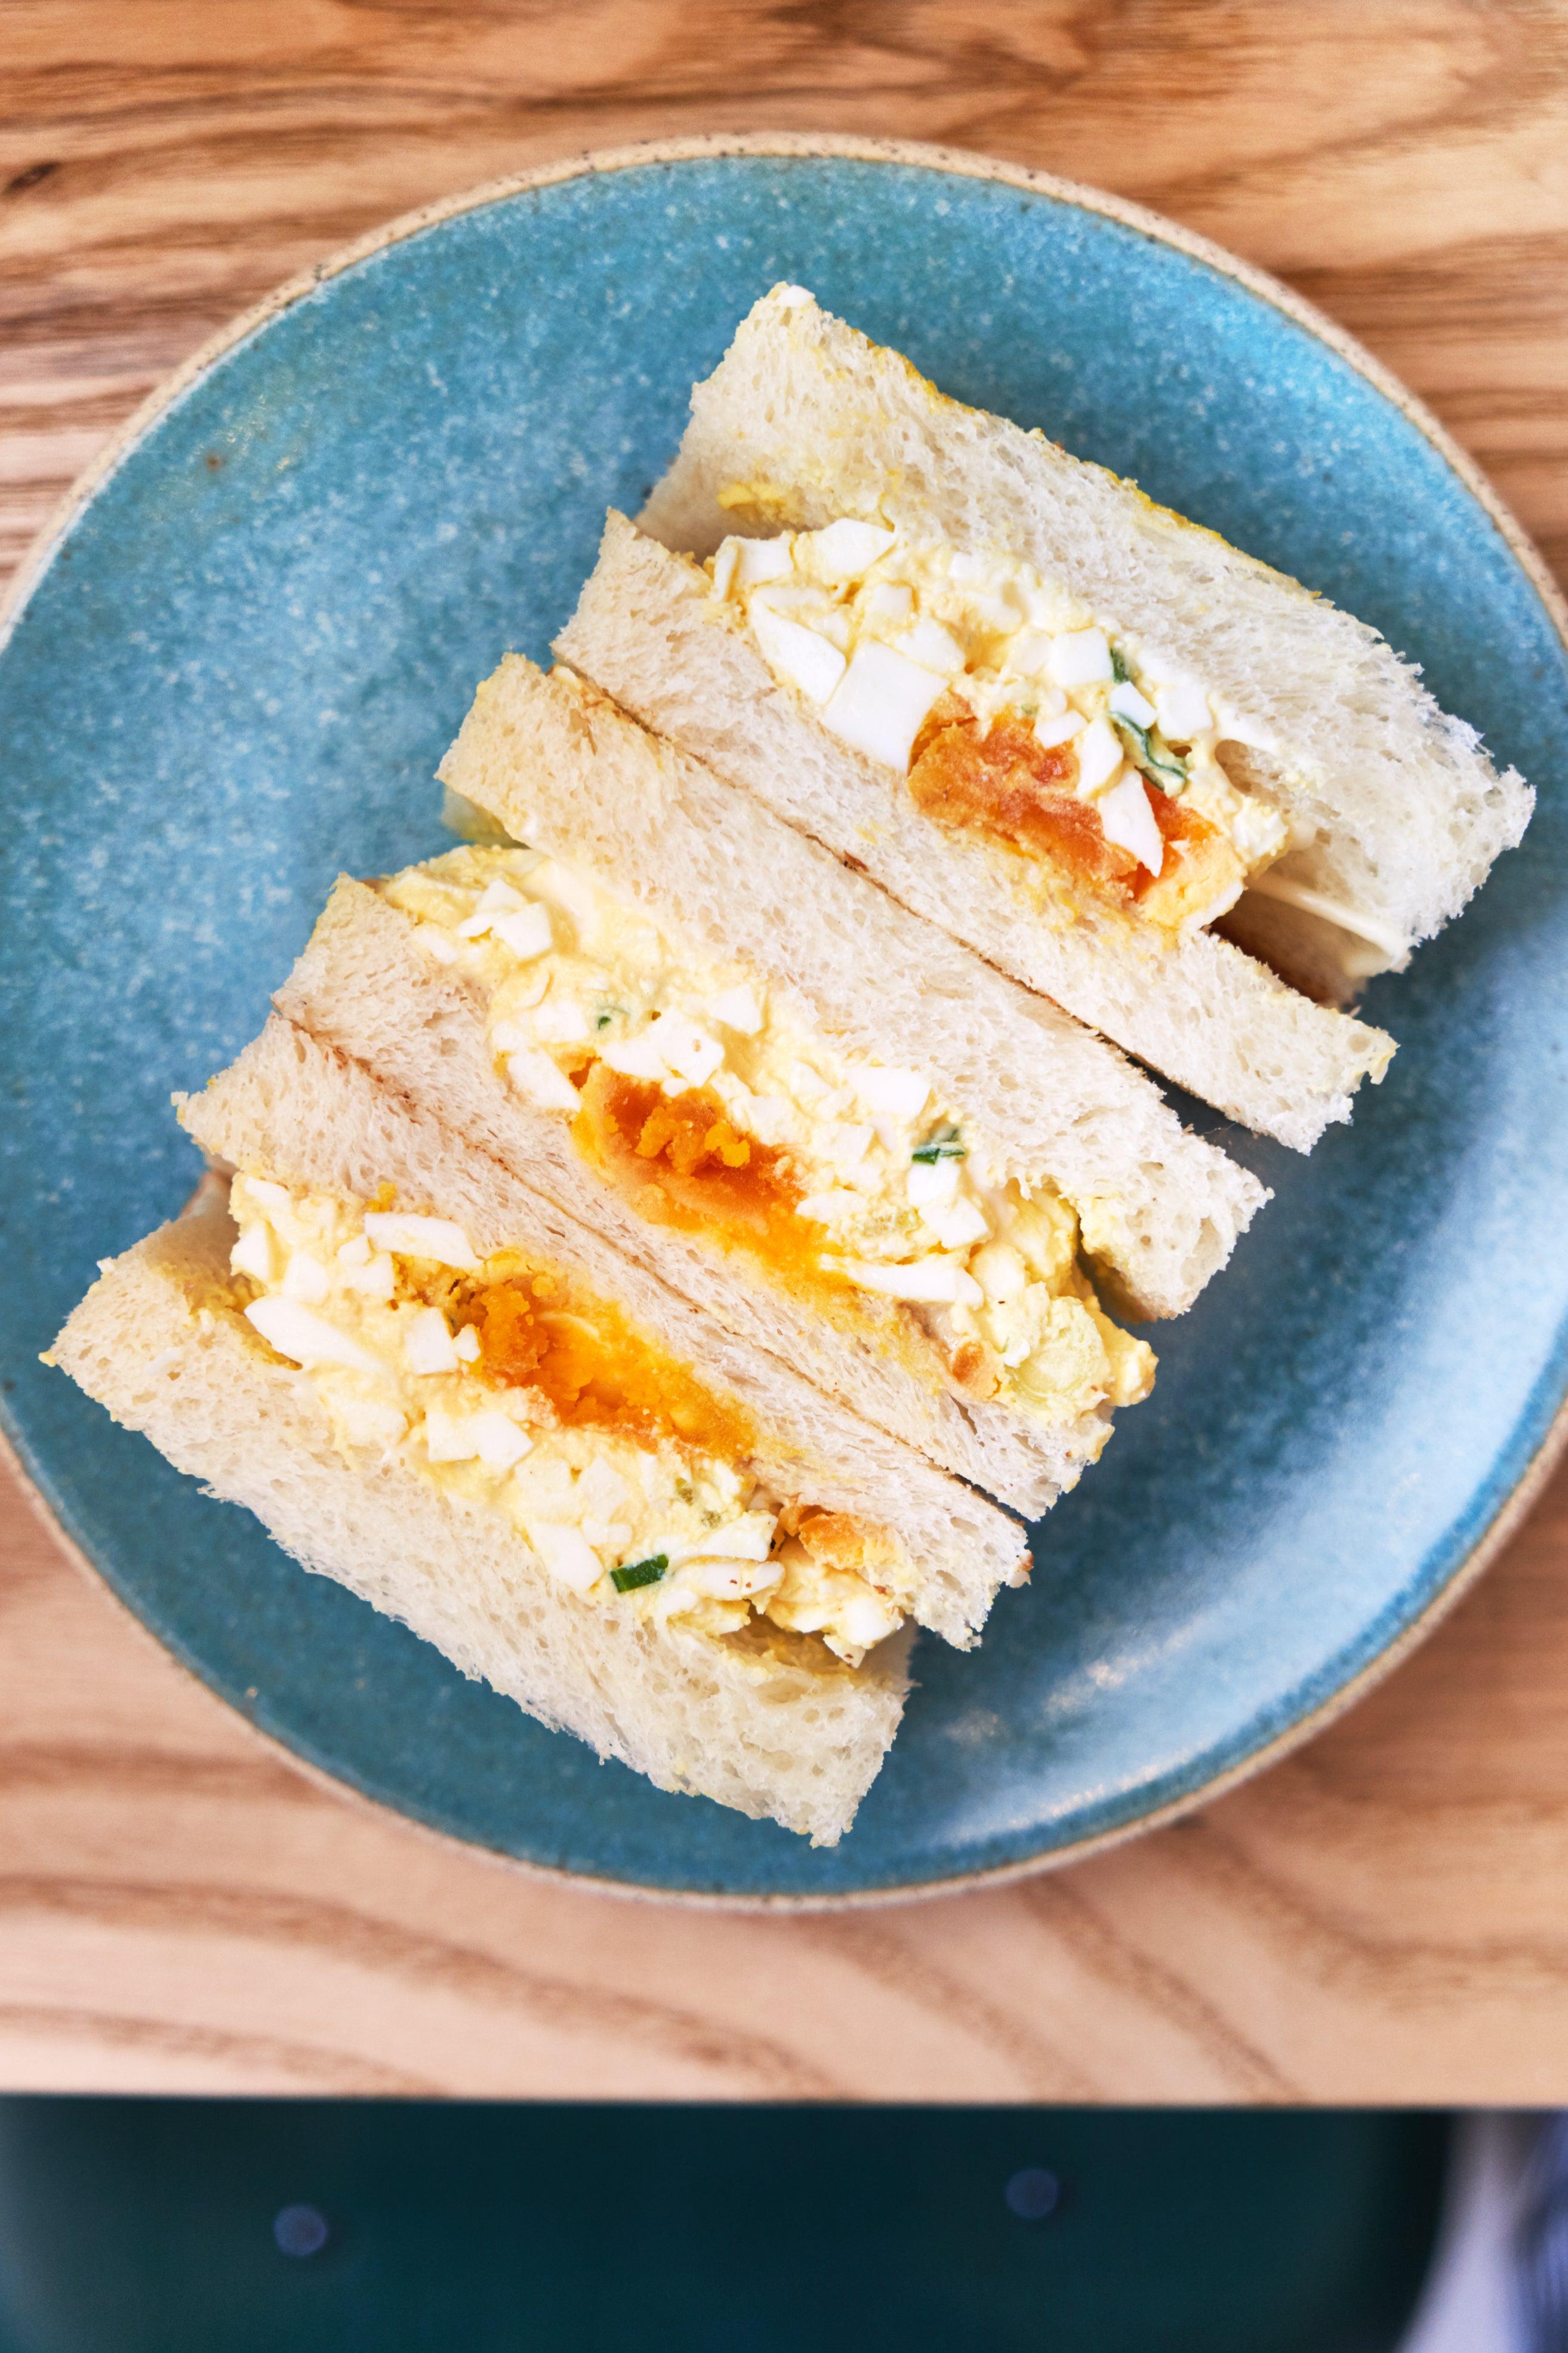 Konbi egg sando